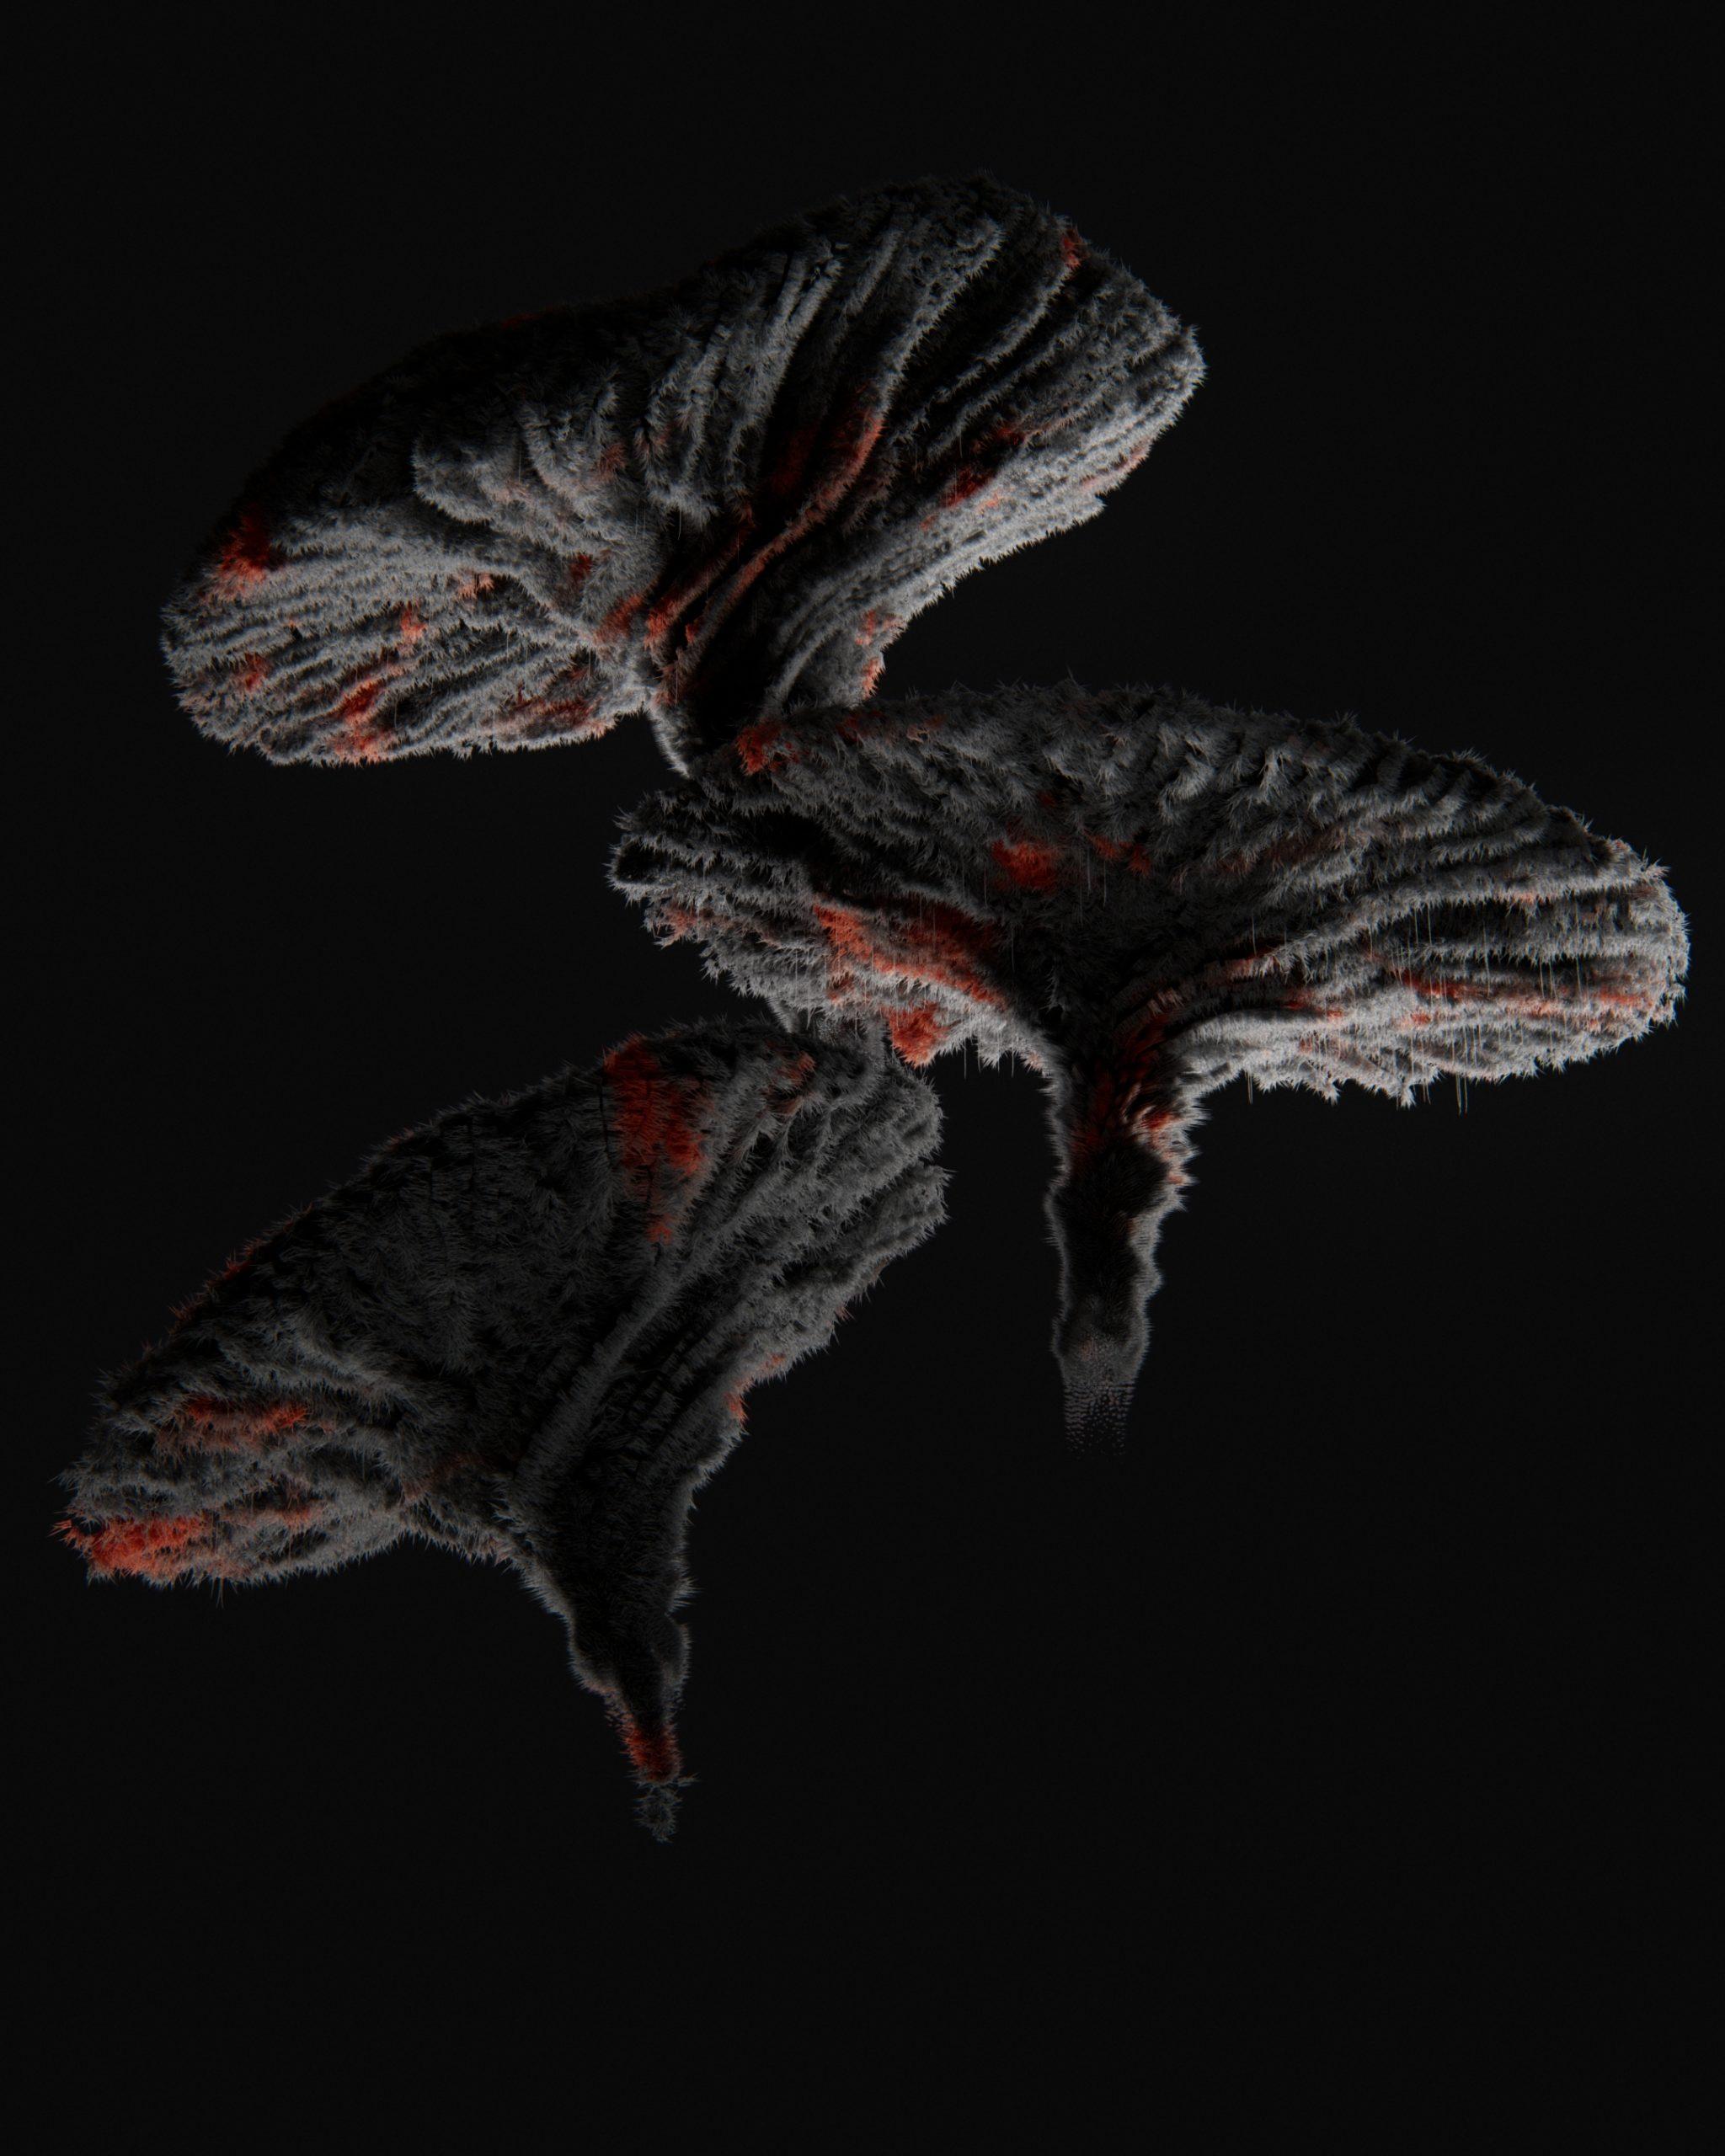 Mushroom01_v20201118C_1.3.1